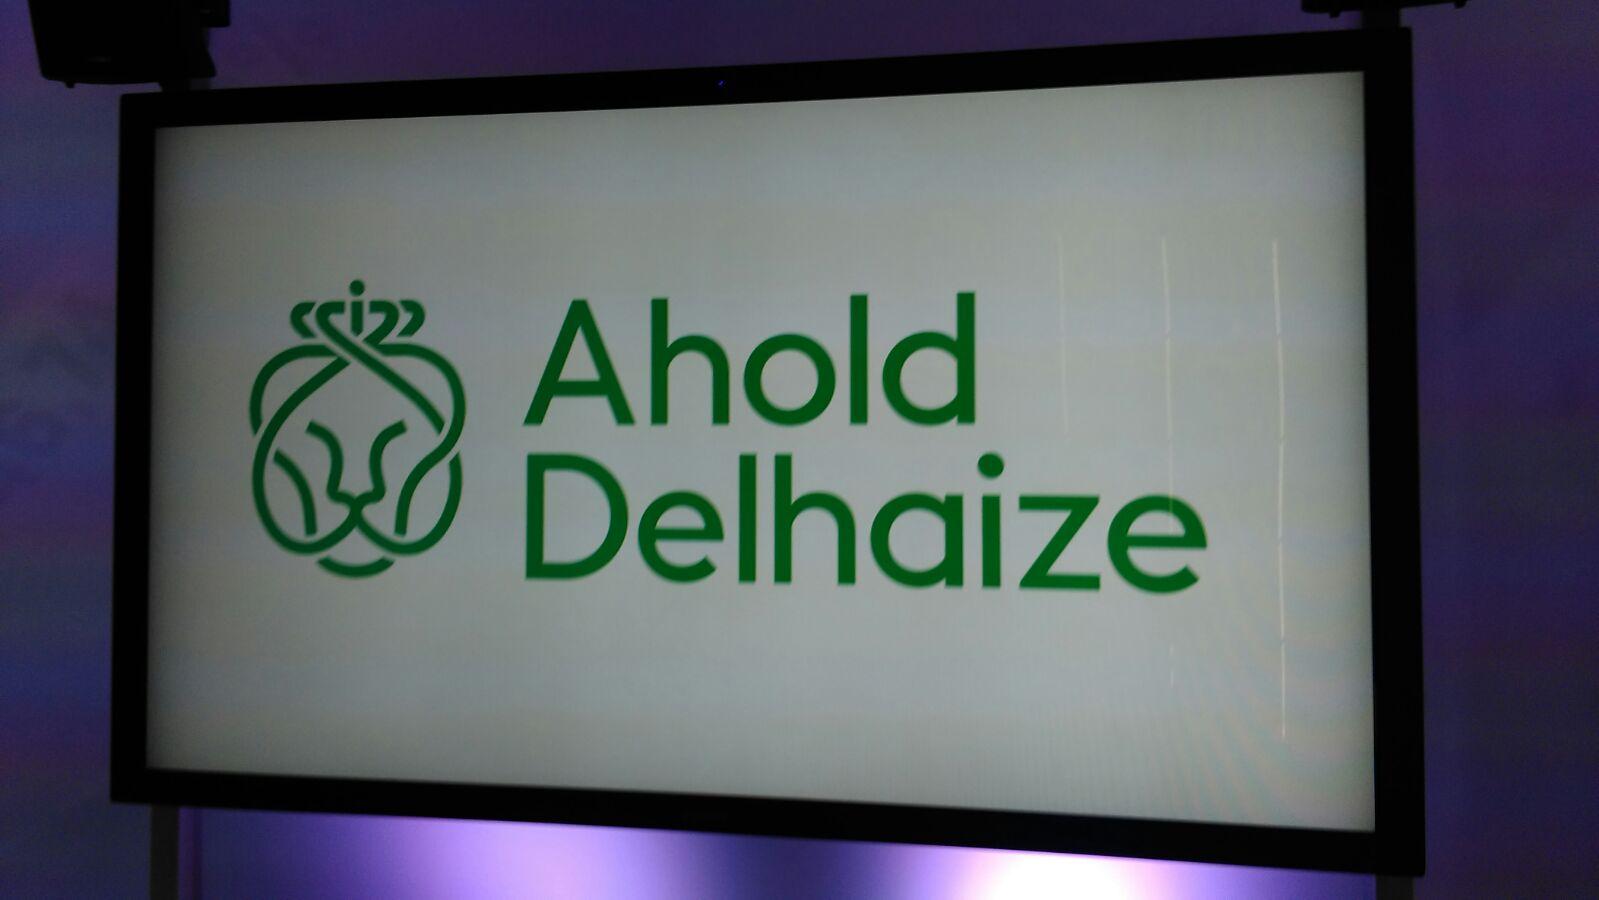 Het nieuwe logo van Ahold Delhaize duidelijk in beeld